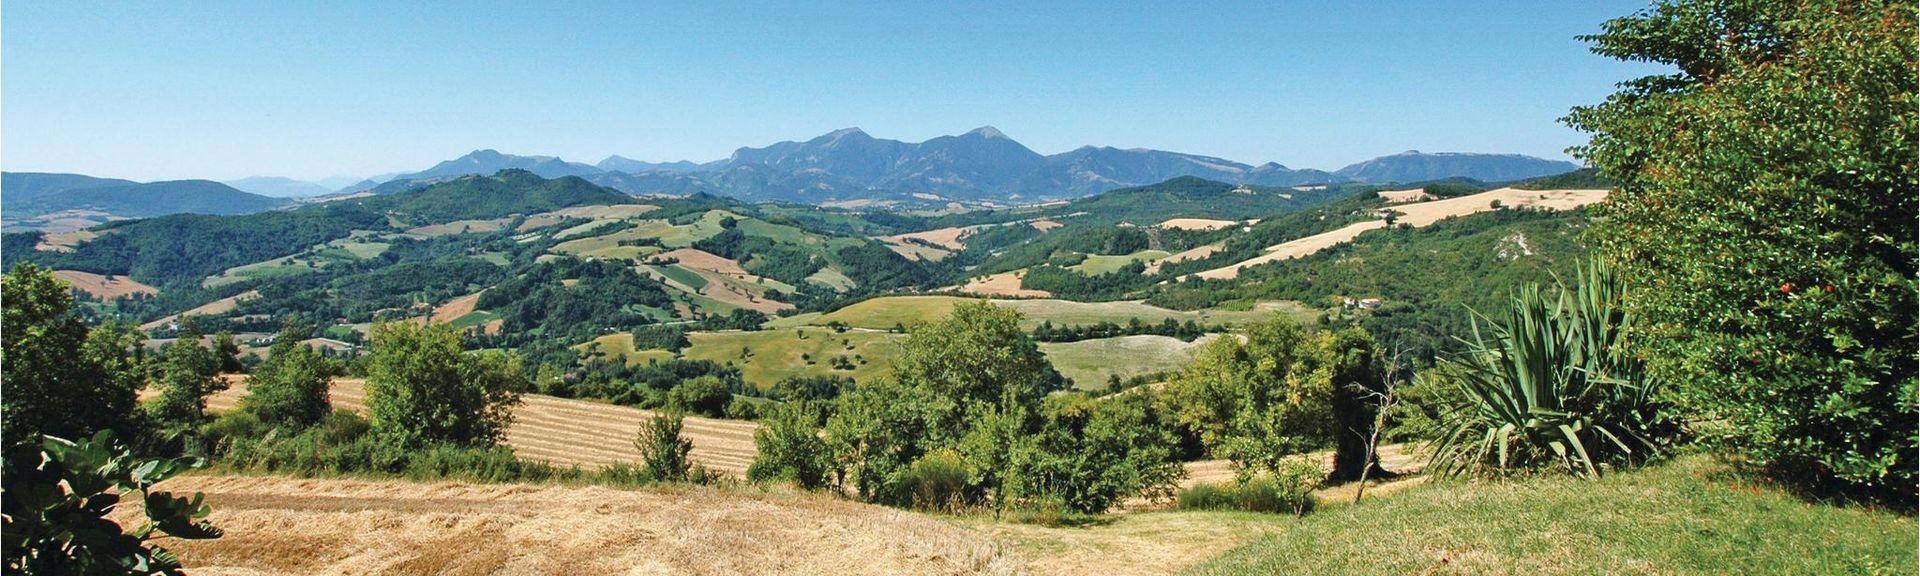 Mondavio, Marche, Italy